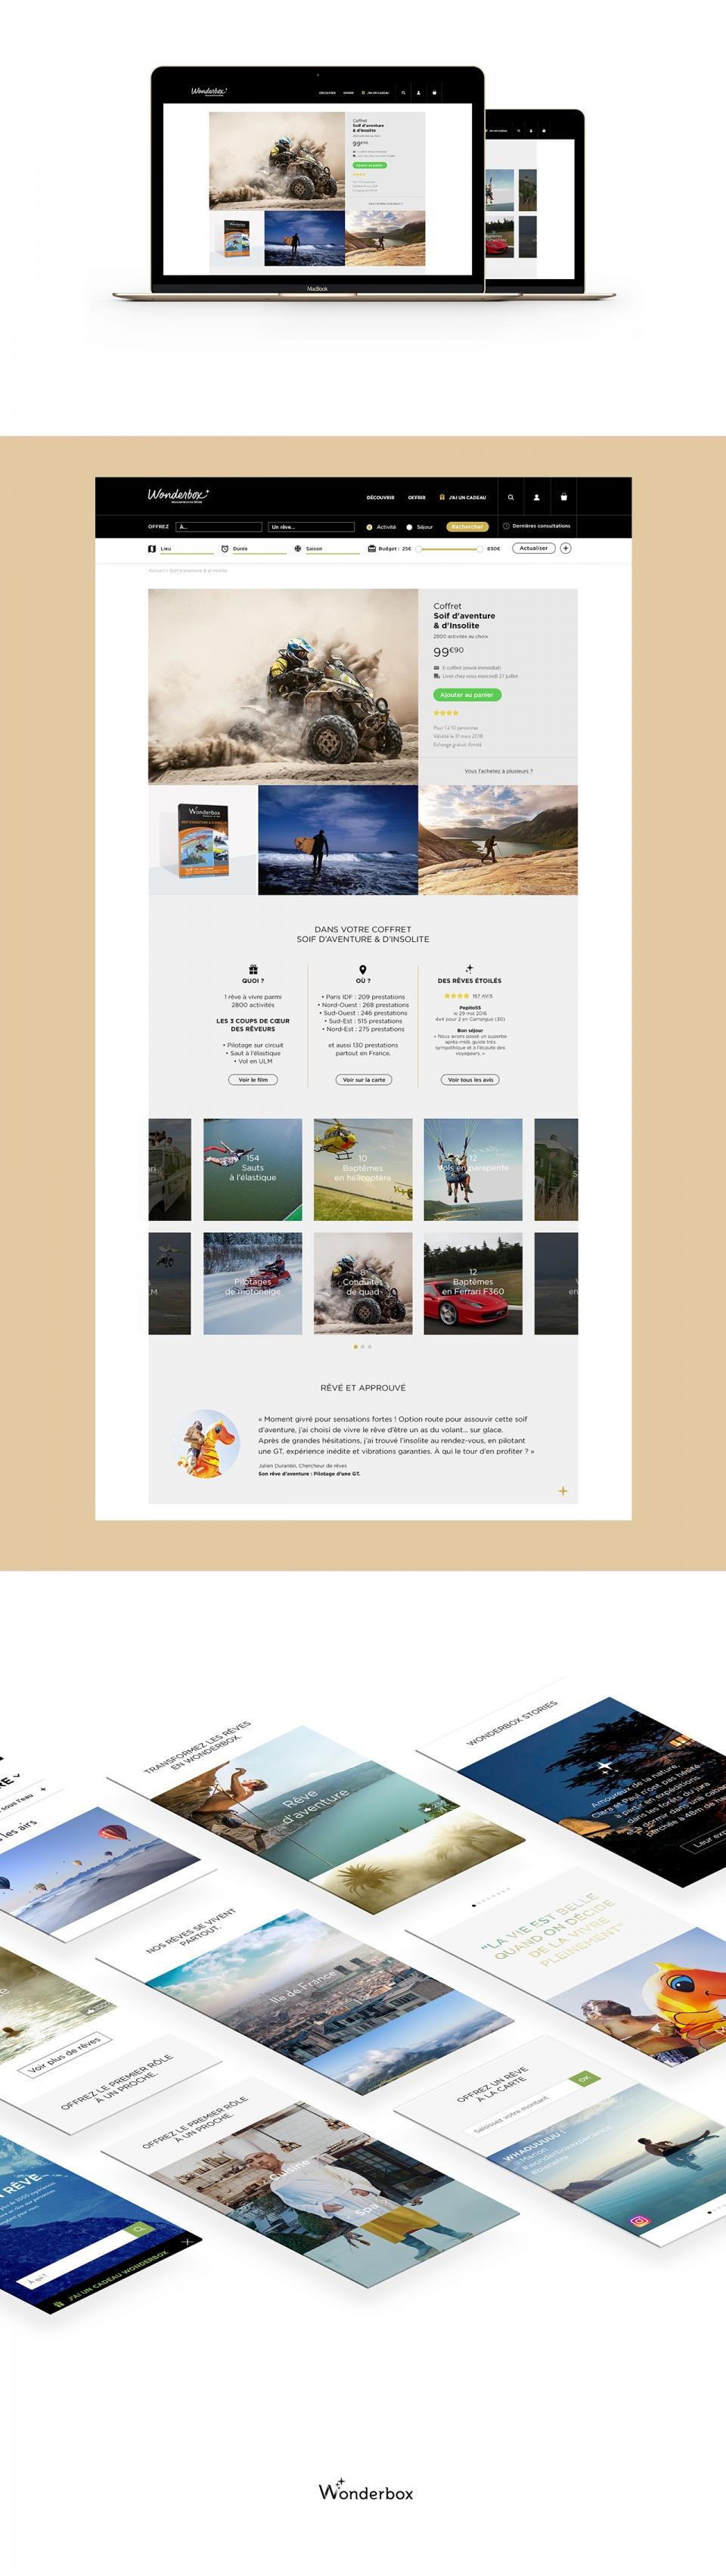 Wonderbox - Réalisateur de rêves -  UX/UI Design